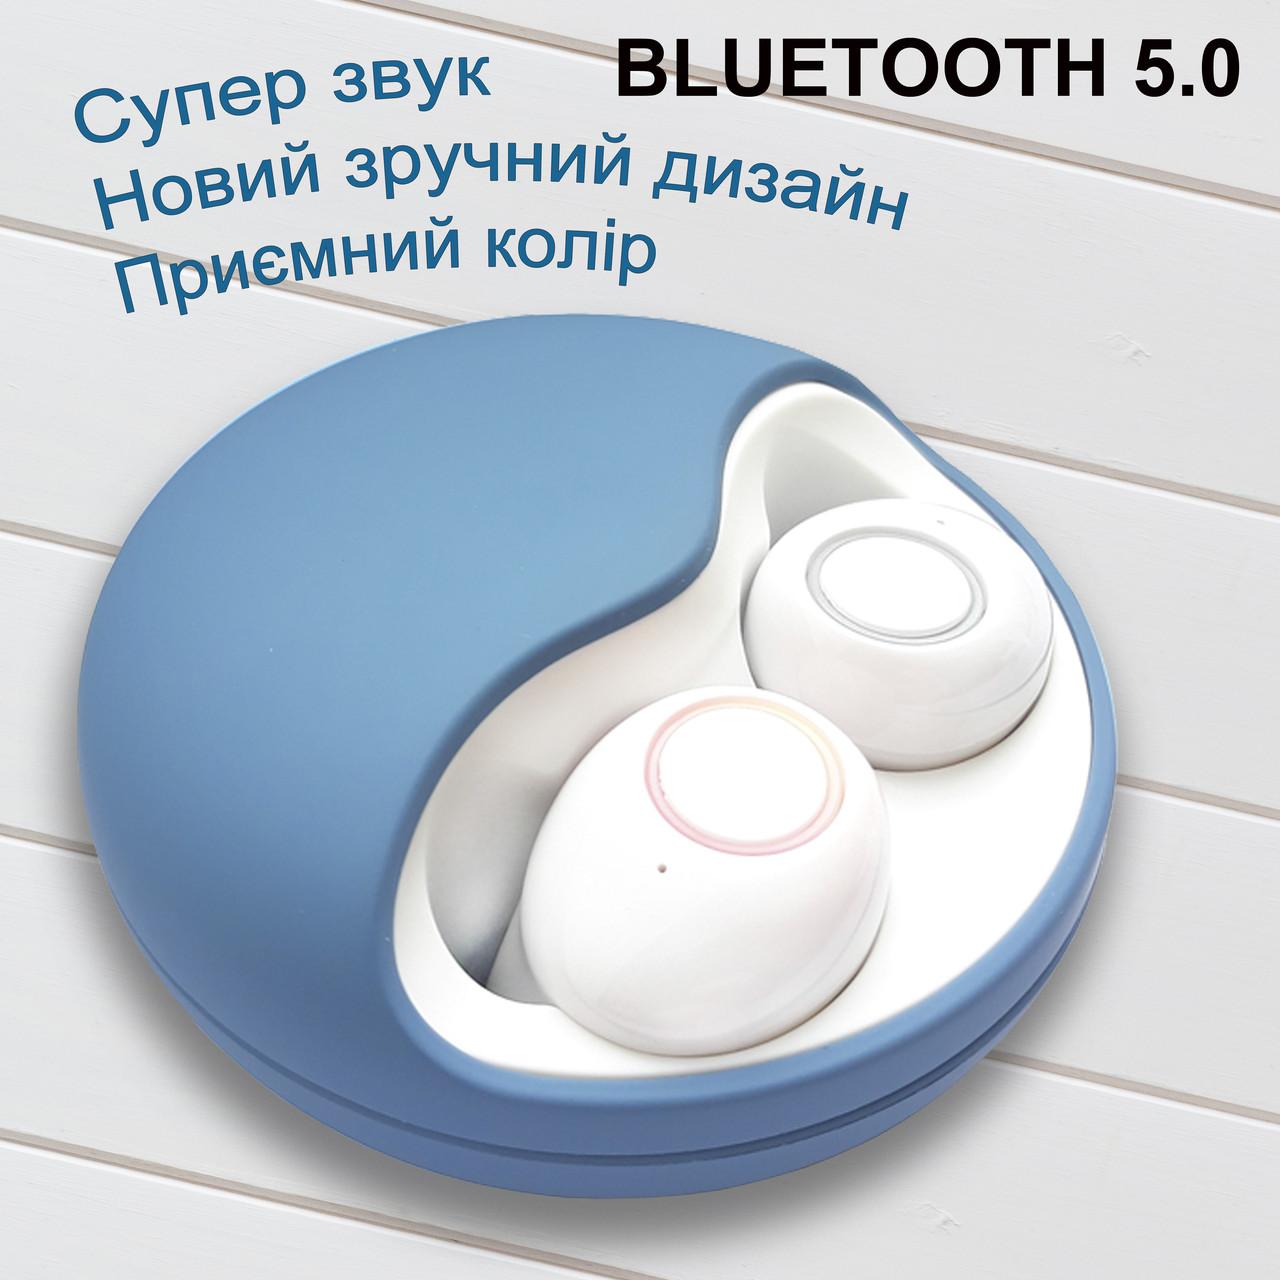 Бездротові Bluetooth-навушники безпровідні із зарядним чохлом-кейсом Wi-pods К10 Bluetooth 5.0 Сині.